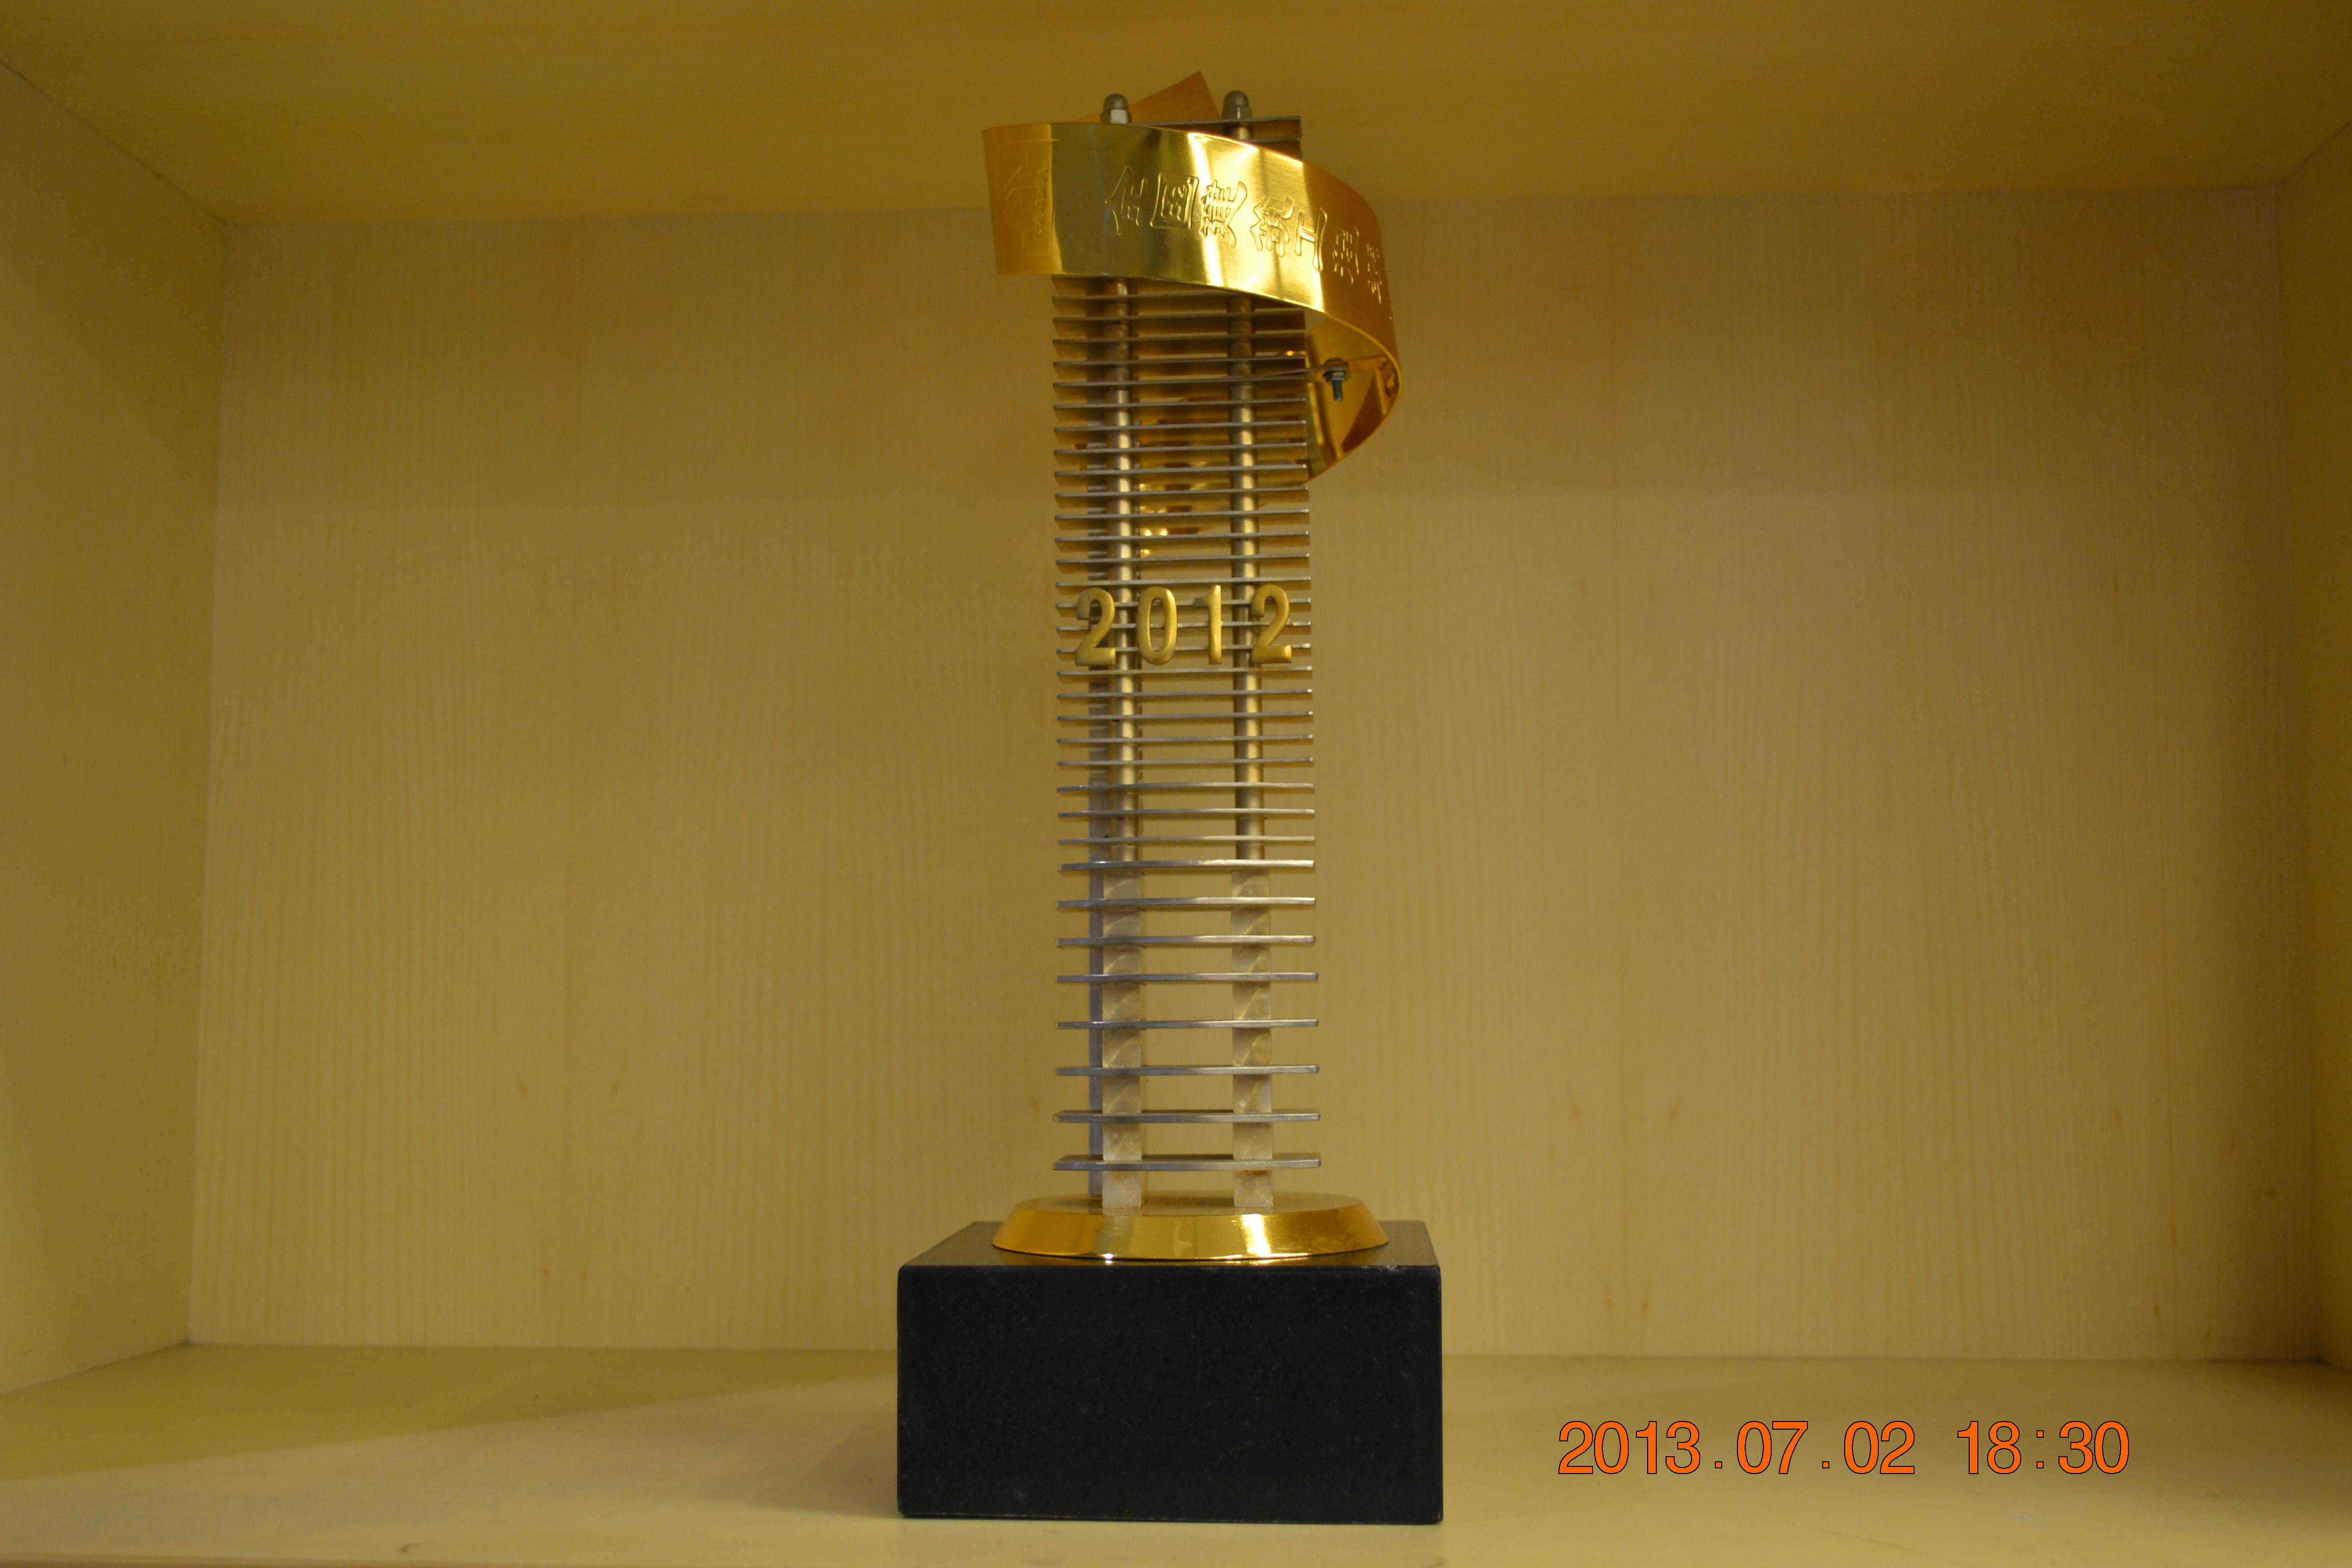 全(quan)國(guo)建築工程(cheng)裝飾獎